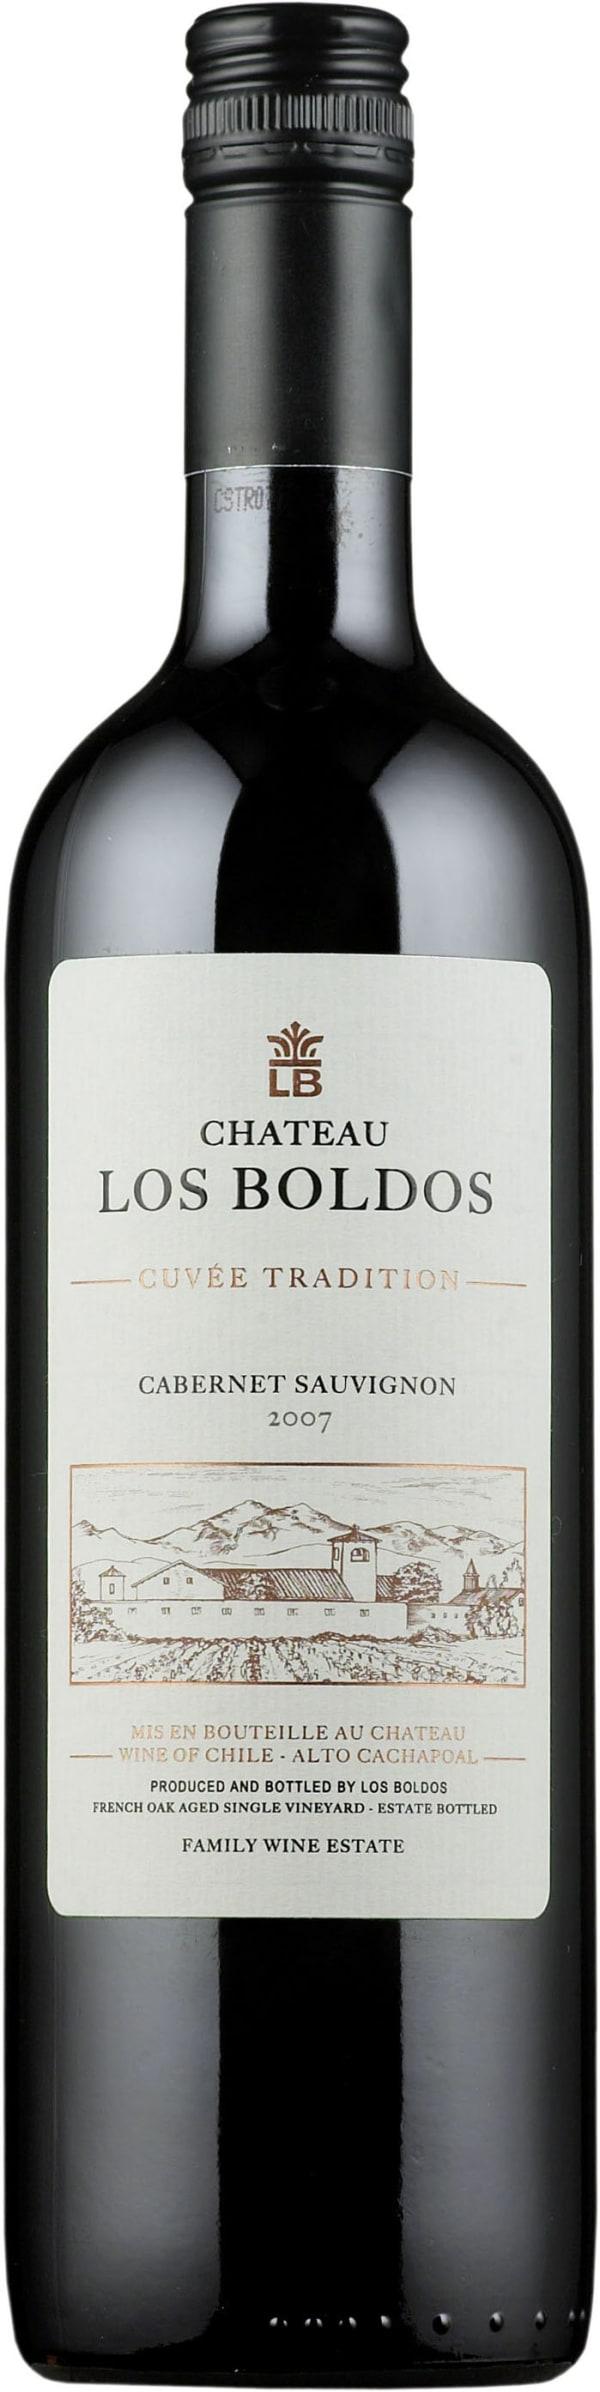 Château Los Boldos Cabernet Sauvignon 2013